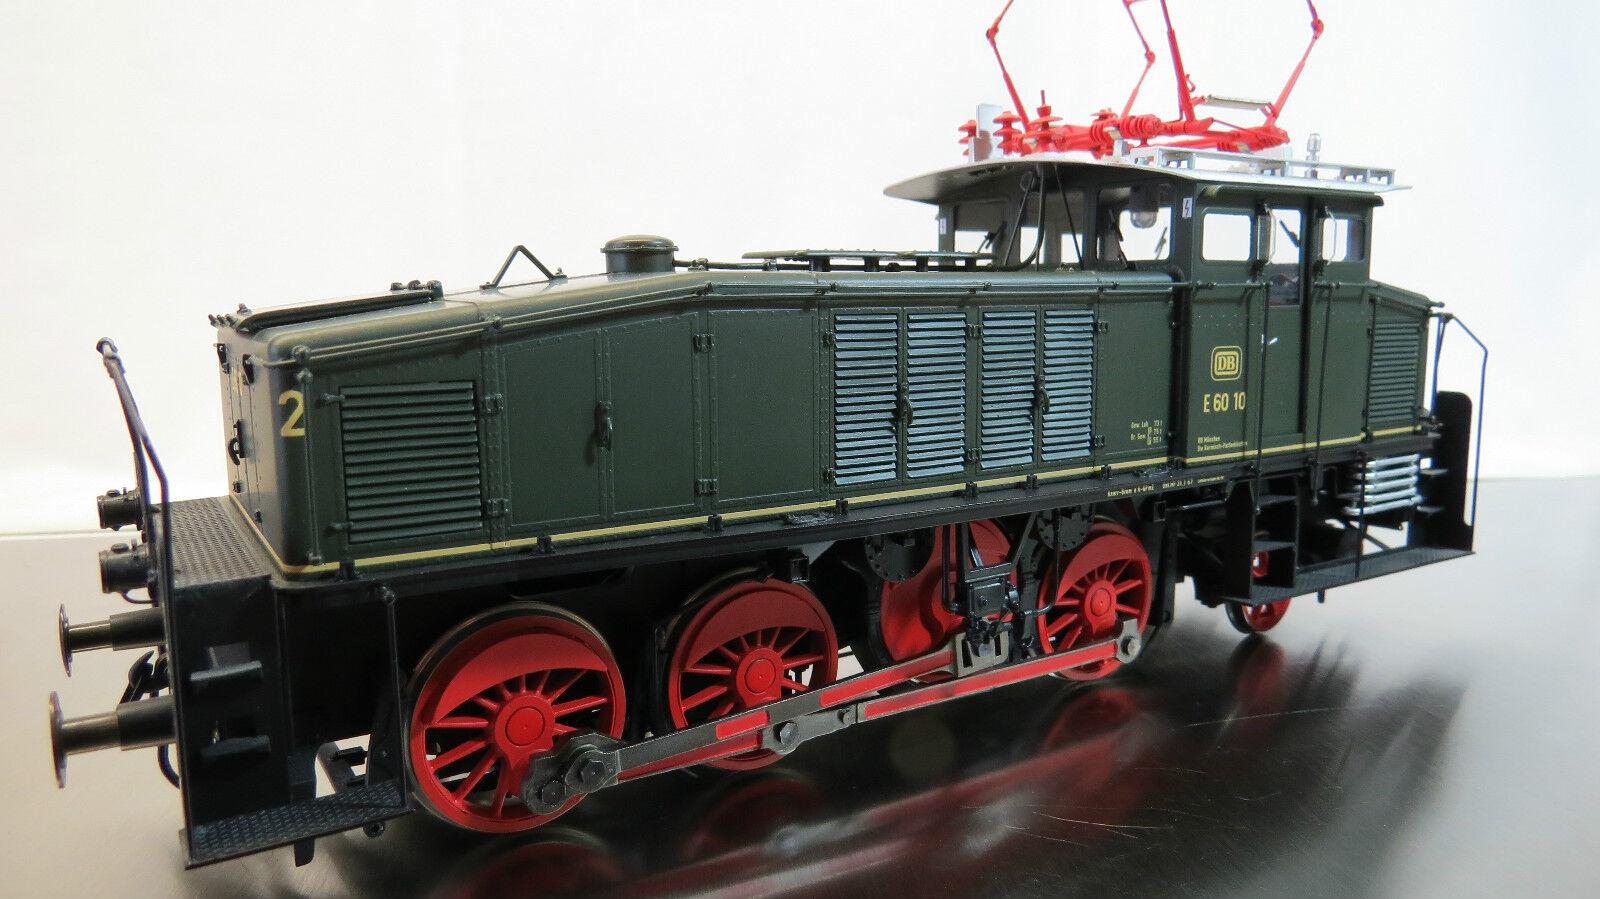 Dingler allestimento interno e 60 locomotiva traccia 0 RARO IN OTTONE MODELLO lot. EB 00/02